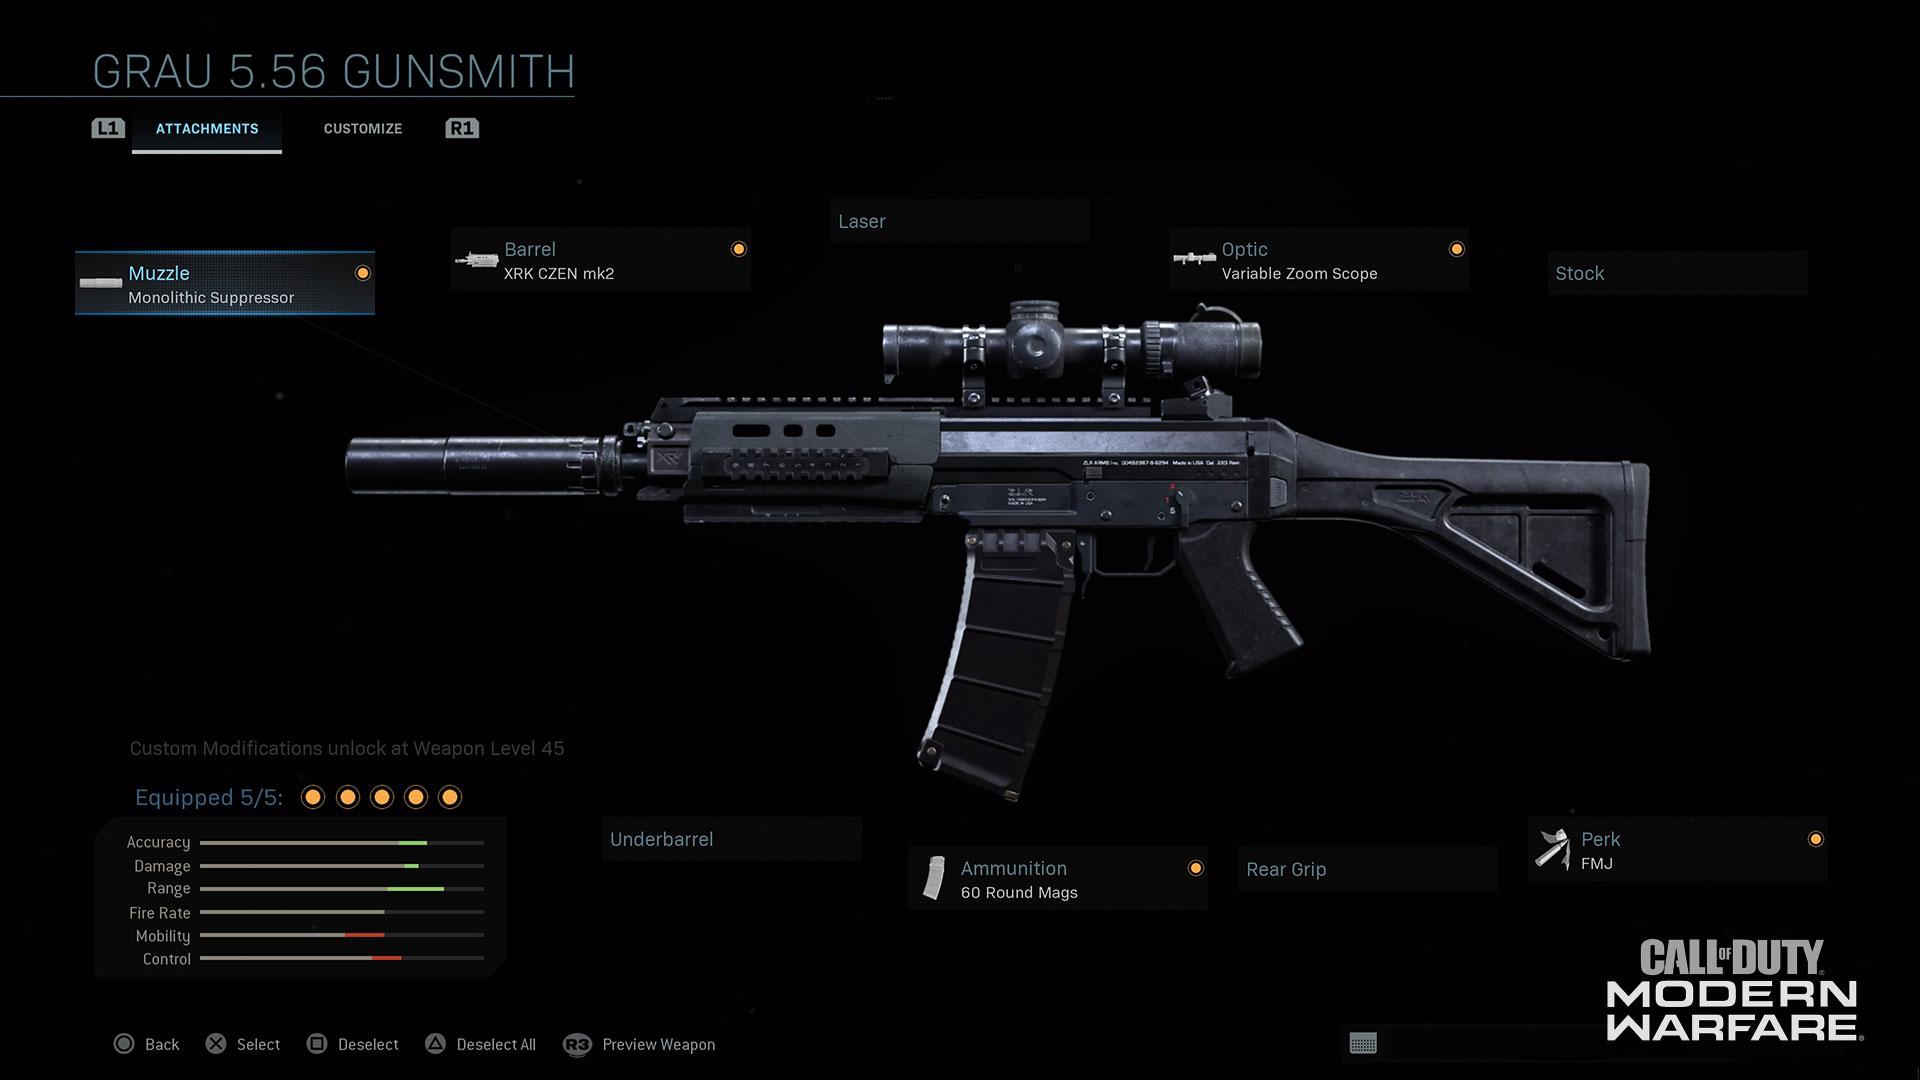 Modern Warfare® Weapon Detail: Grau 5.56 - Image 3